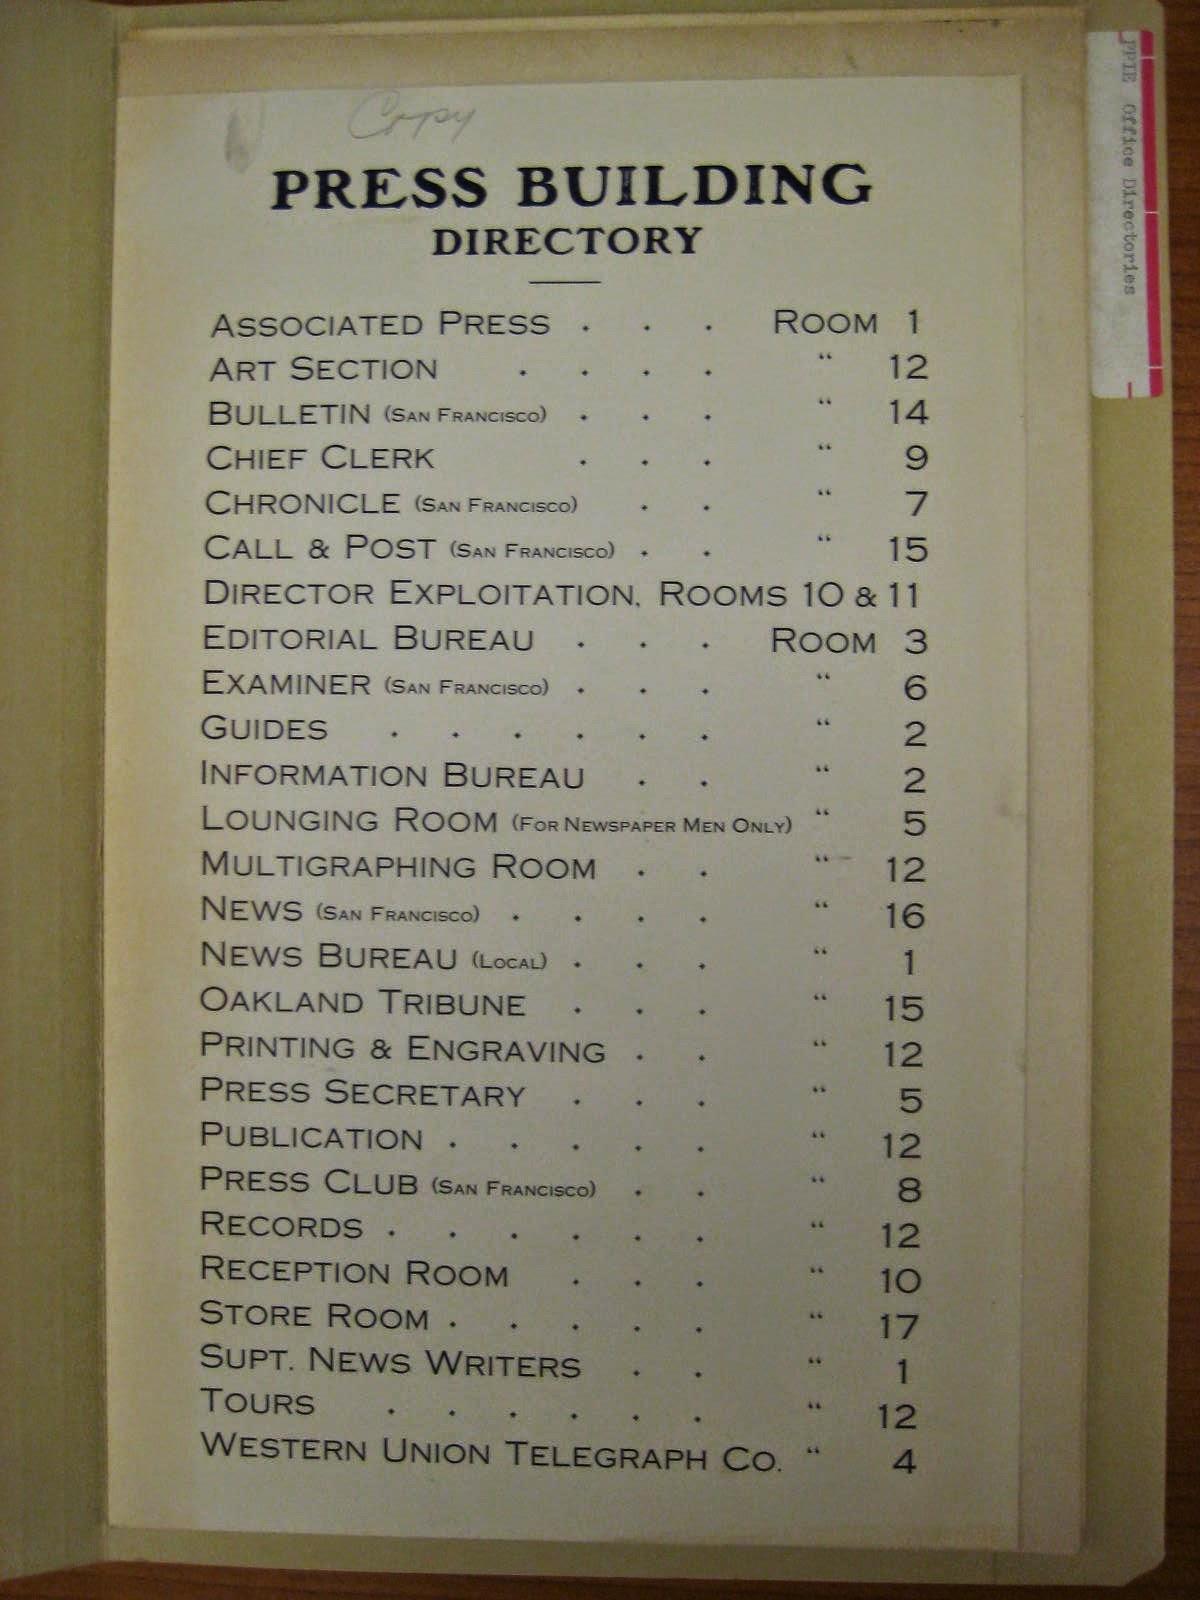 PPIE Press building directory ephemera, San Francisco Public Library